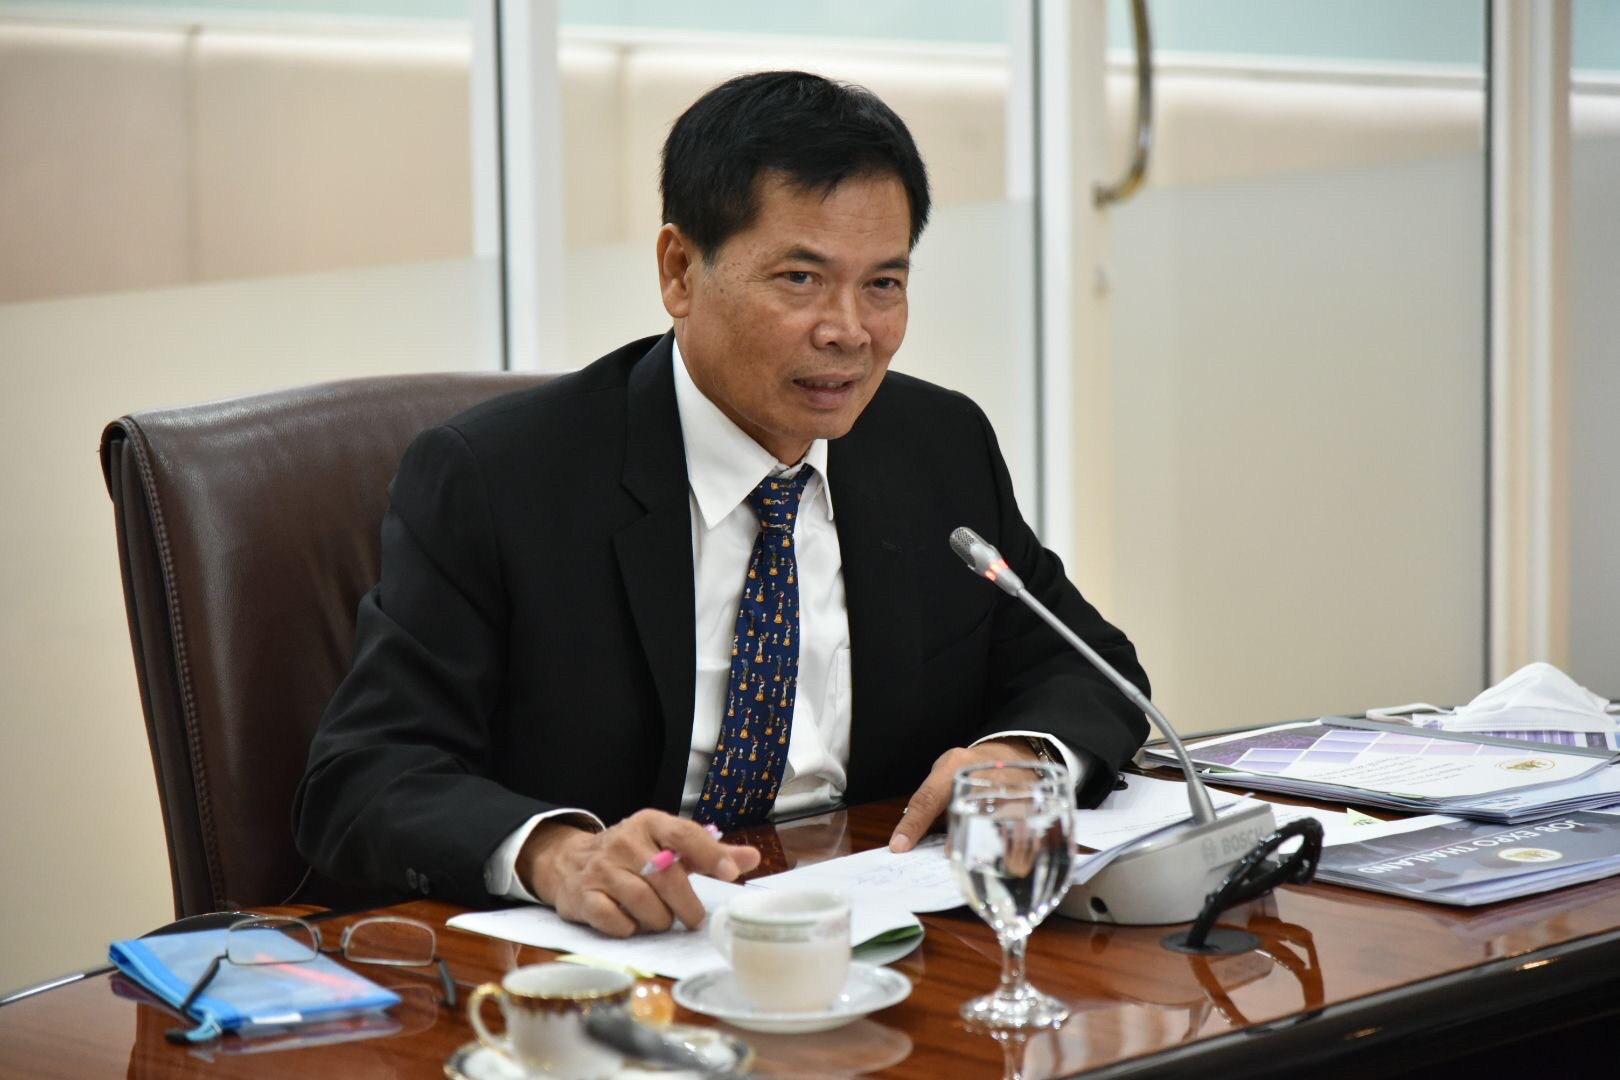 นายสุเทพ ชิตยวงษ์ เลขานุการรัฐมนตรีว่าการกระทรวงแรงงาน  เป็นประธานประชุมชี้แจงความคืบหน้าโครงการ JOB EXPO THAILAND 2020